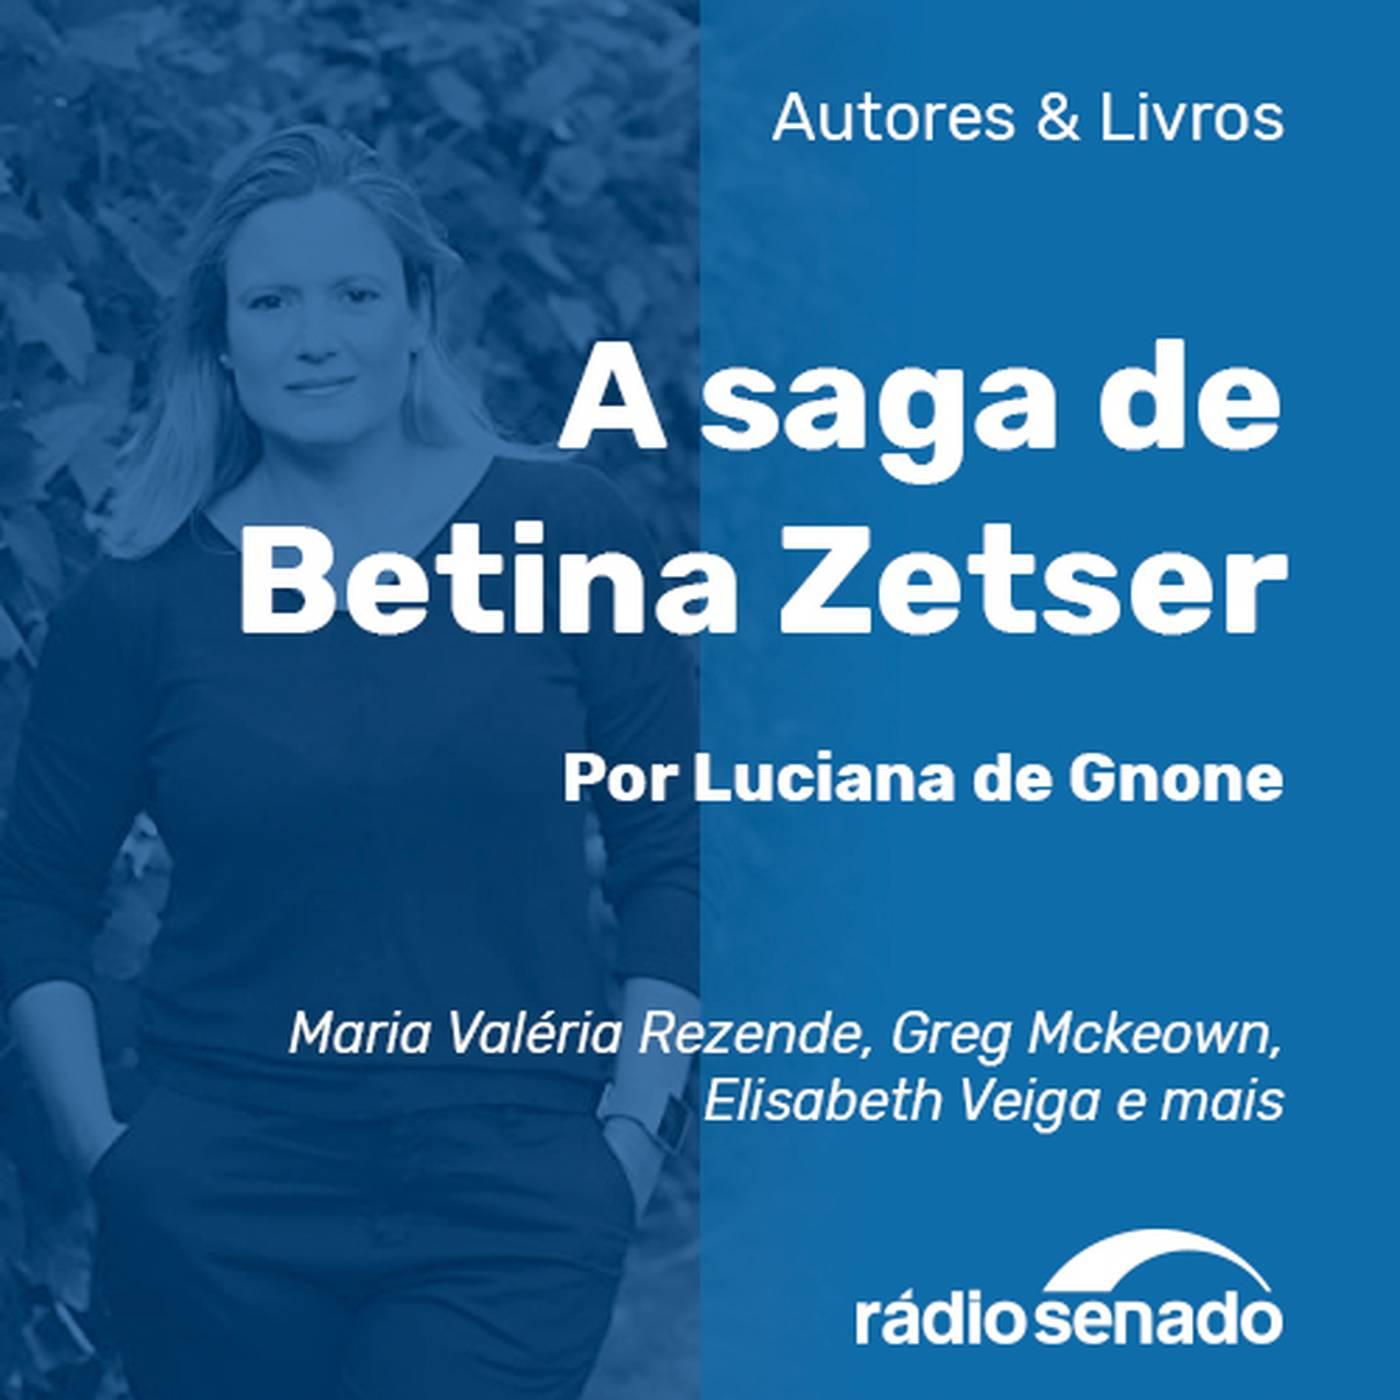 Luciana de Gnone e a saga de Betina Zetser